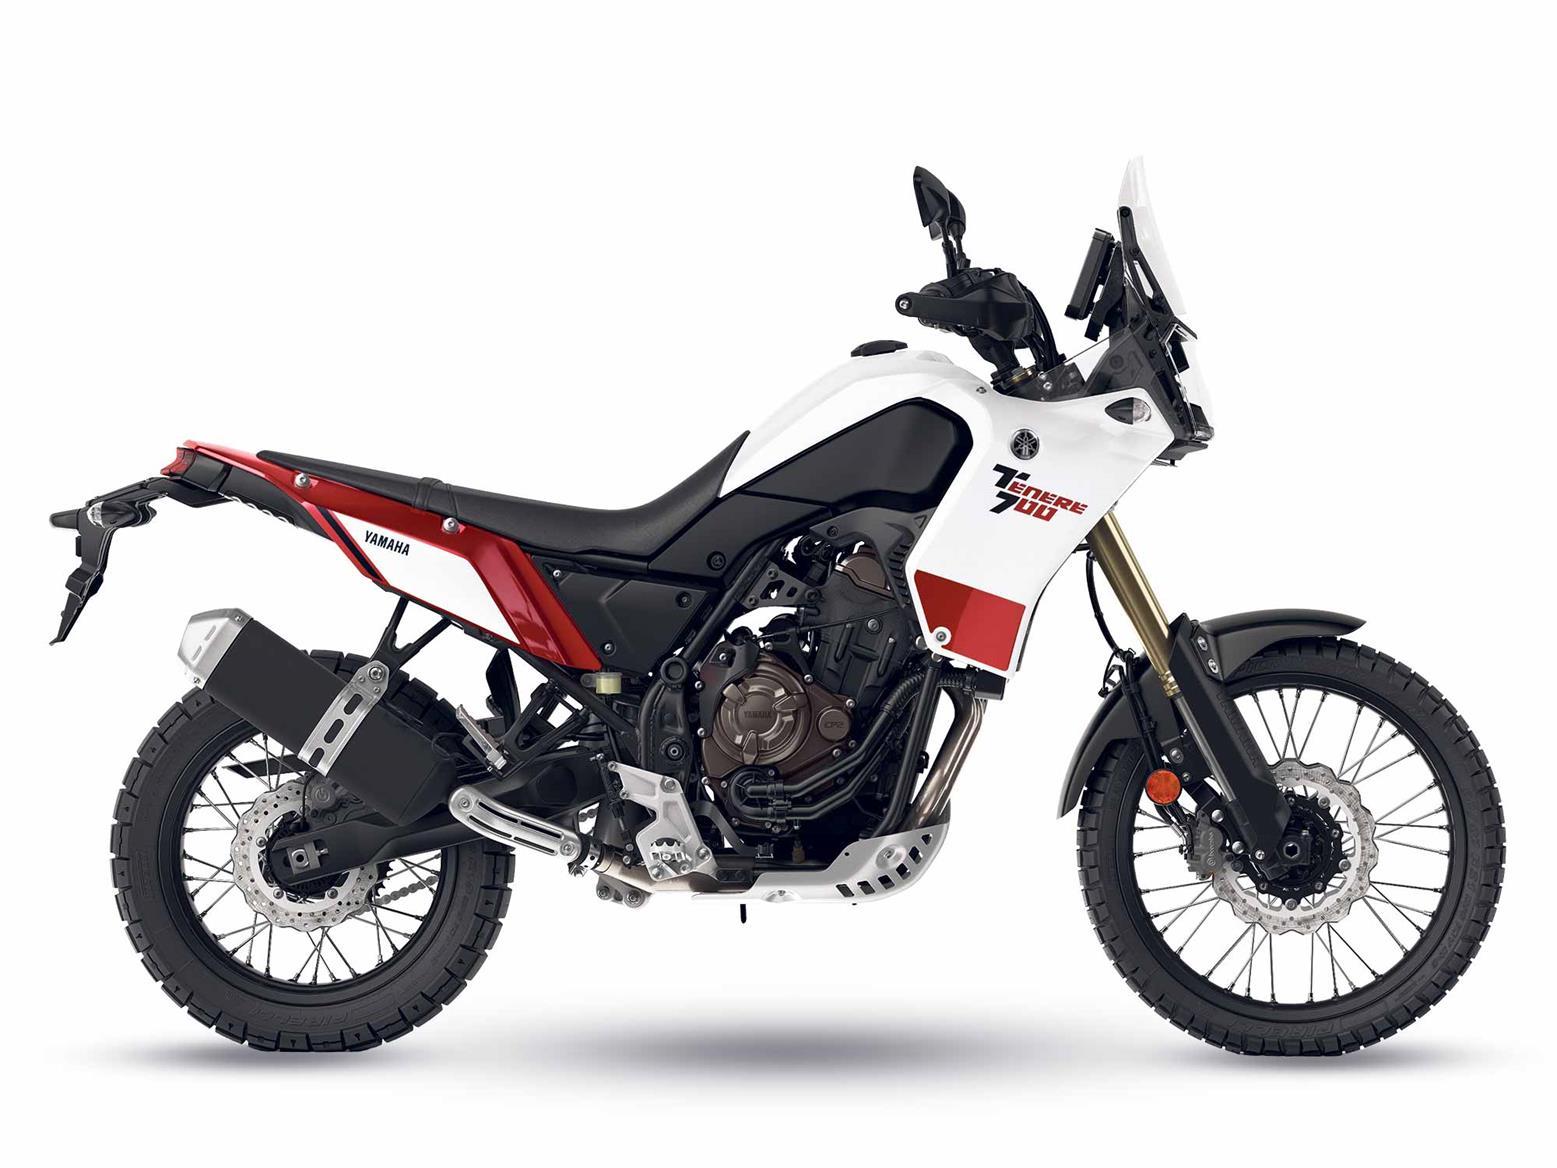 The Yamaha Tenere 700